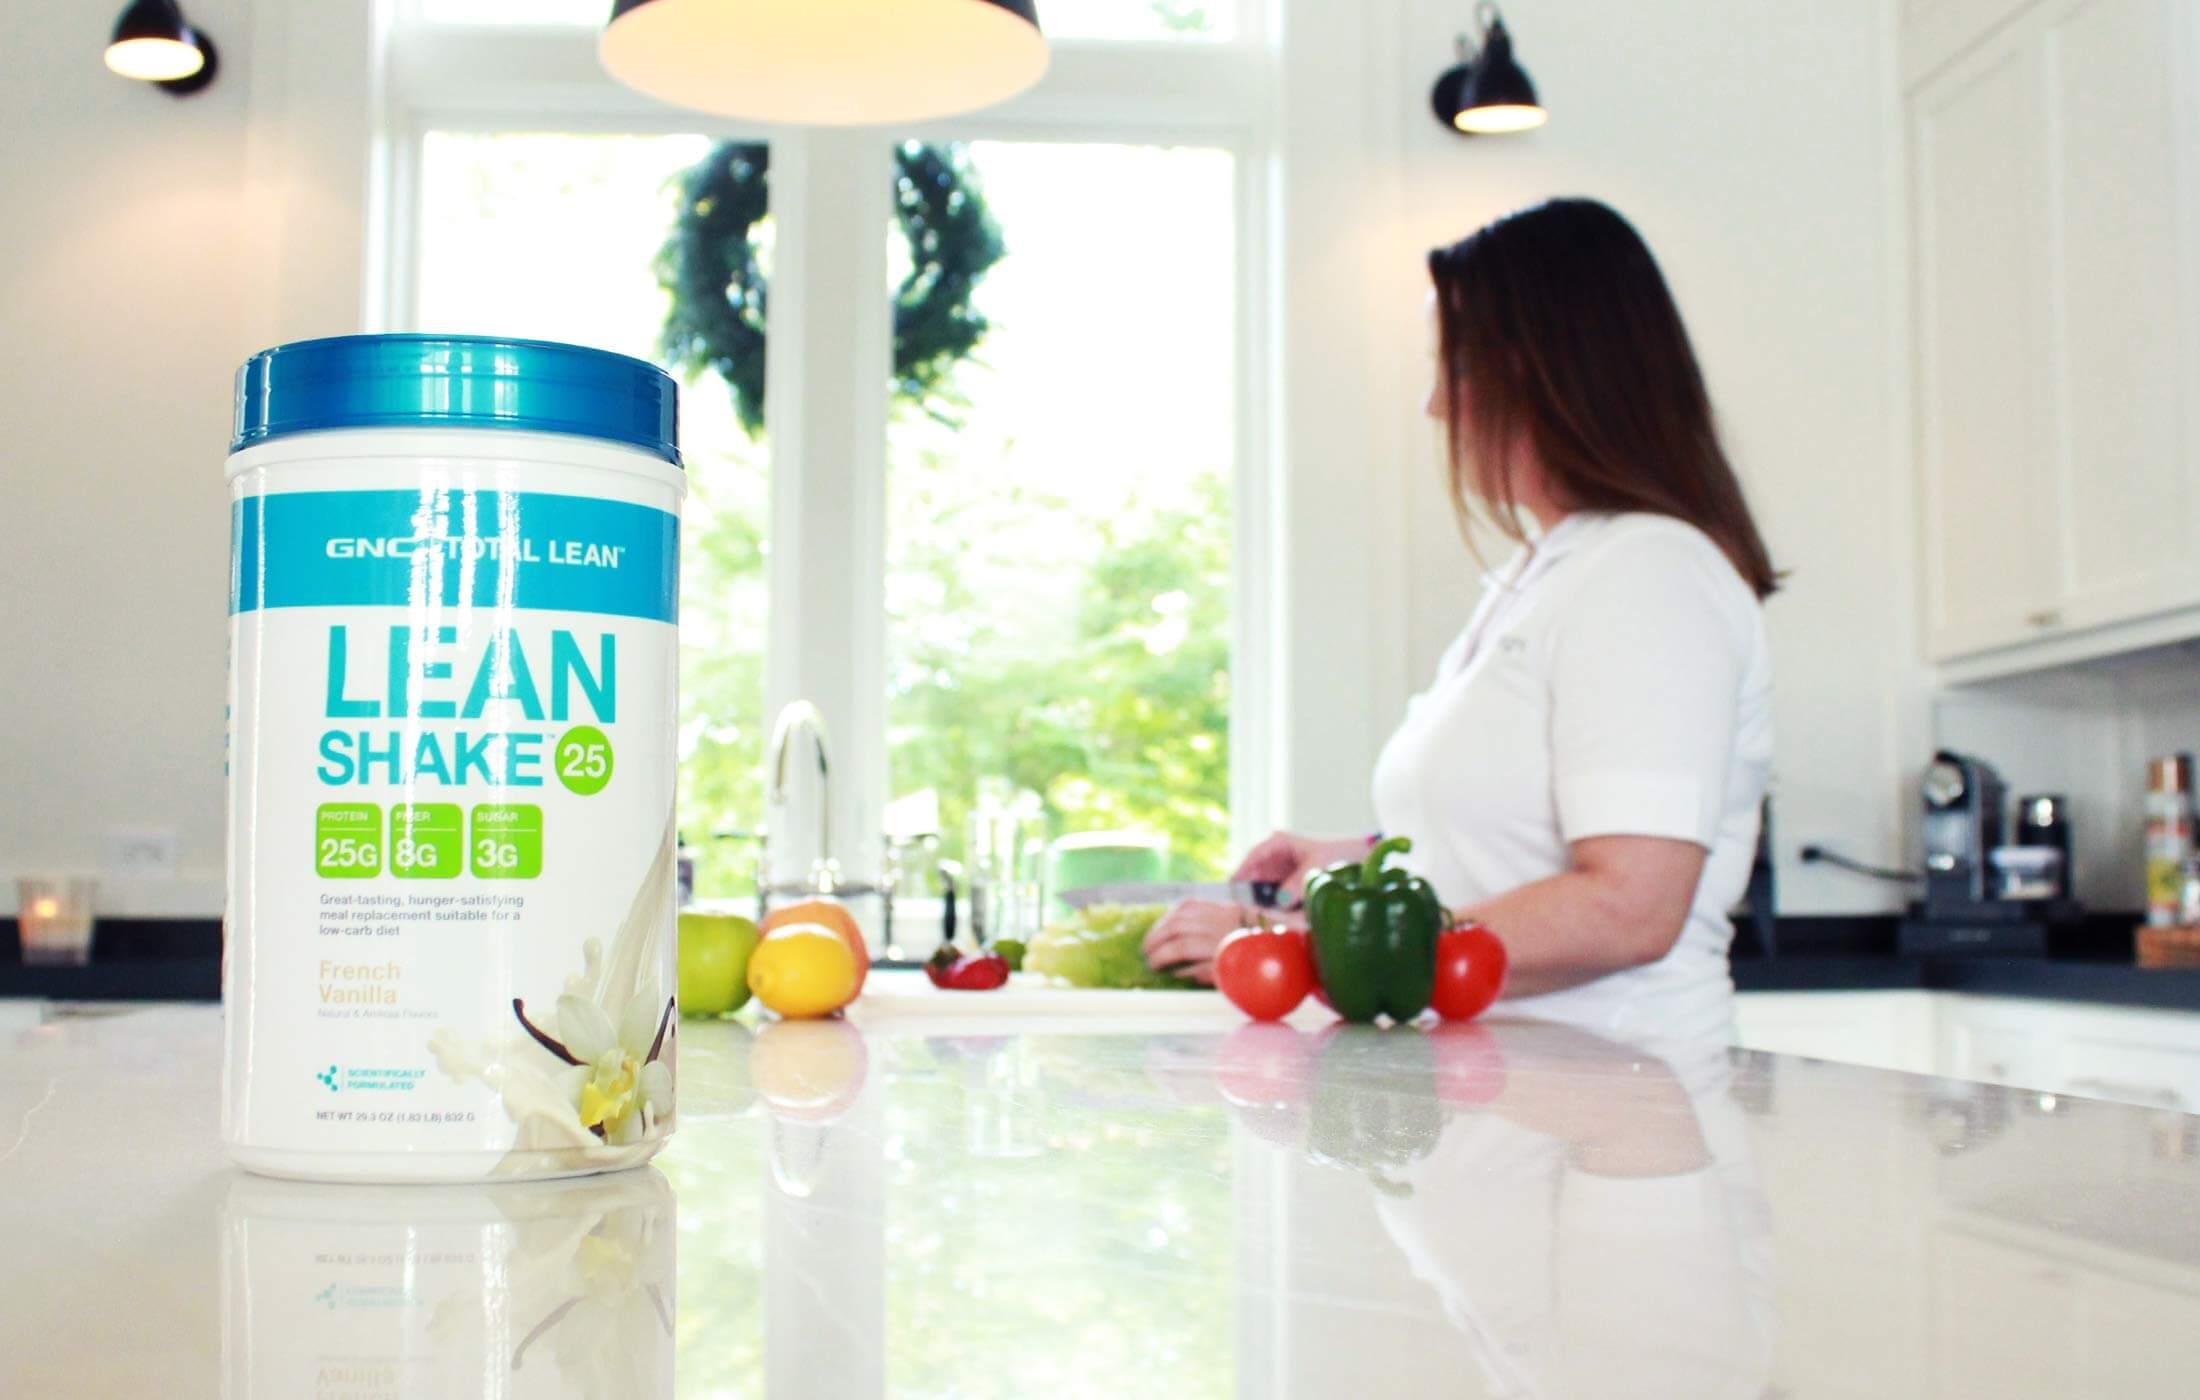 gnc lean shake fogyás vélemények gyógynövények, amelyek eltávolítják a zsírt a testből